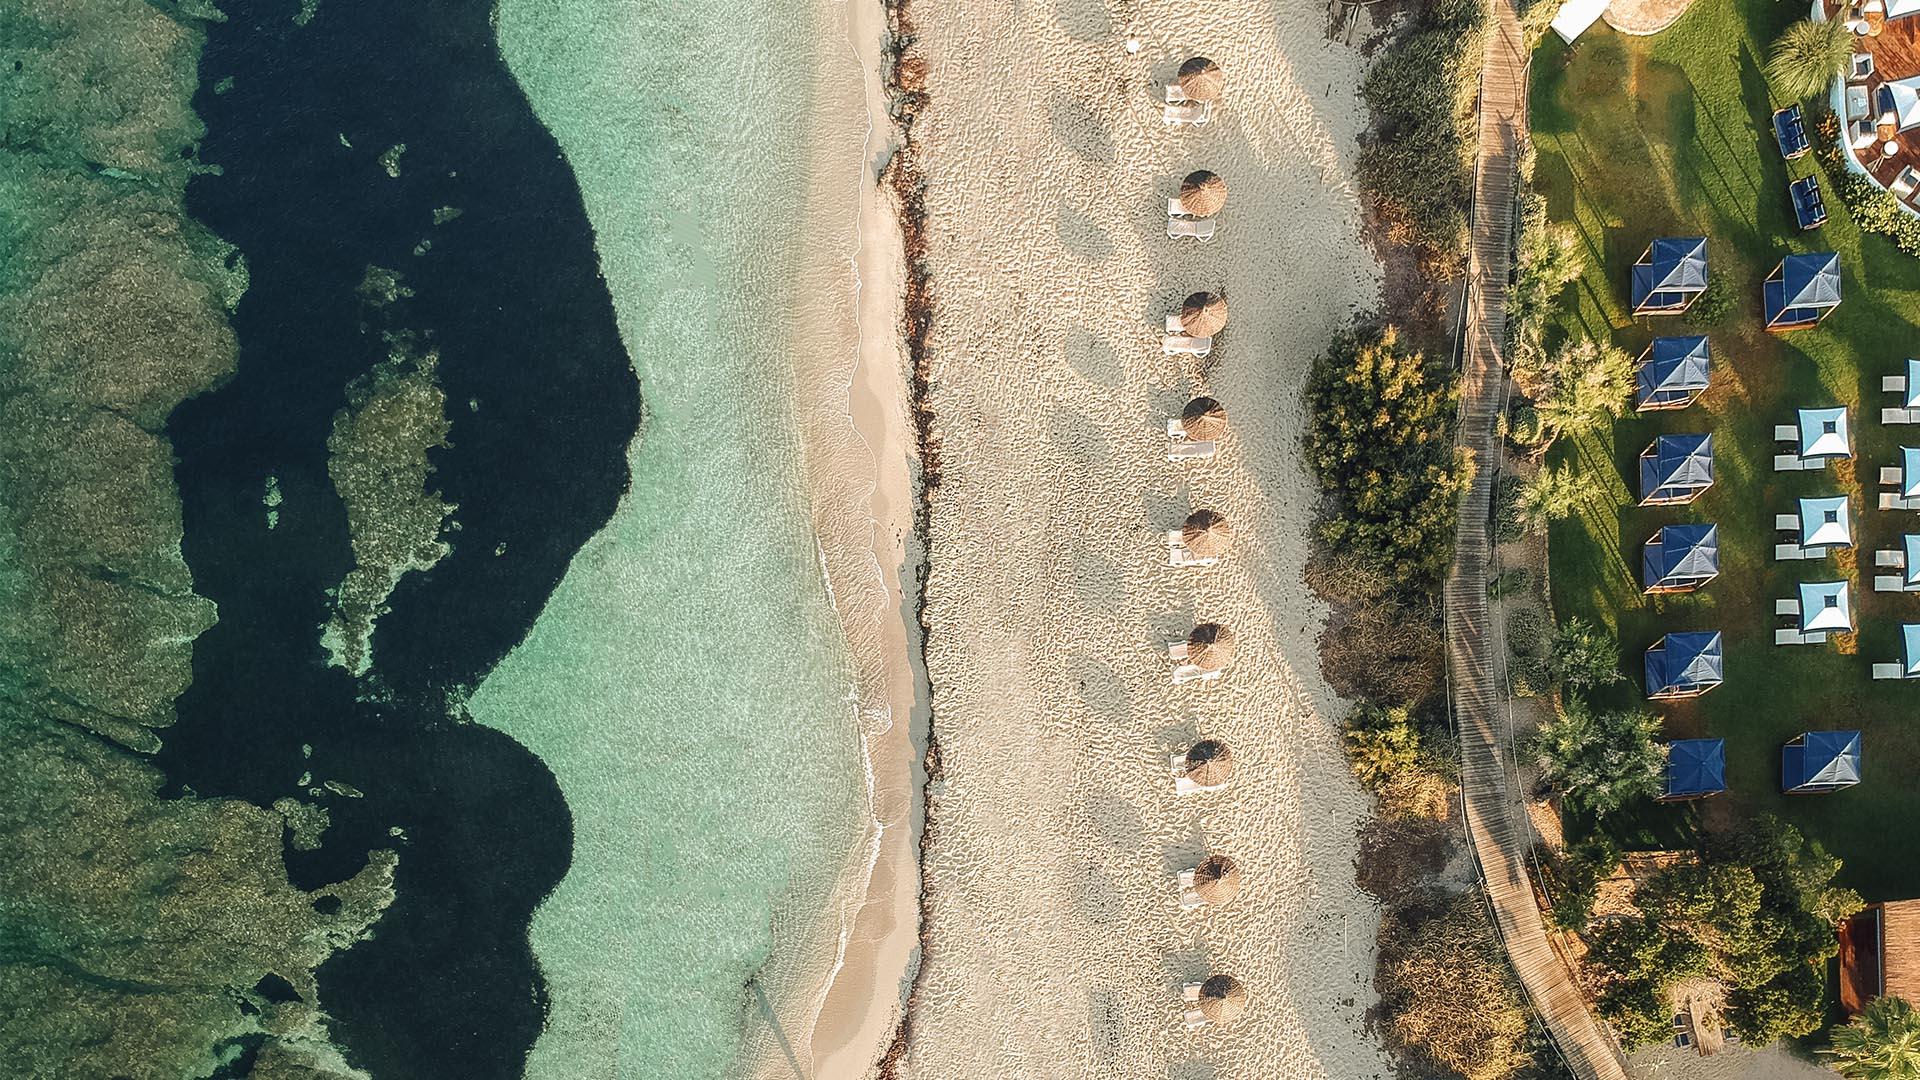 Ibiza to Formentera: eco-friendly island hopping in the Balearics